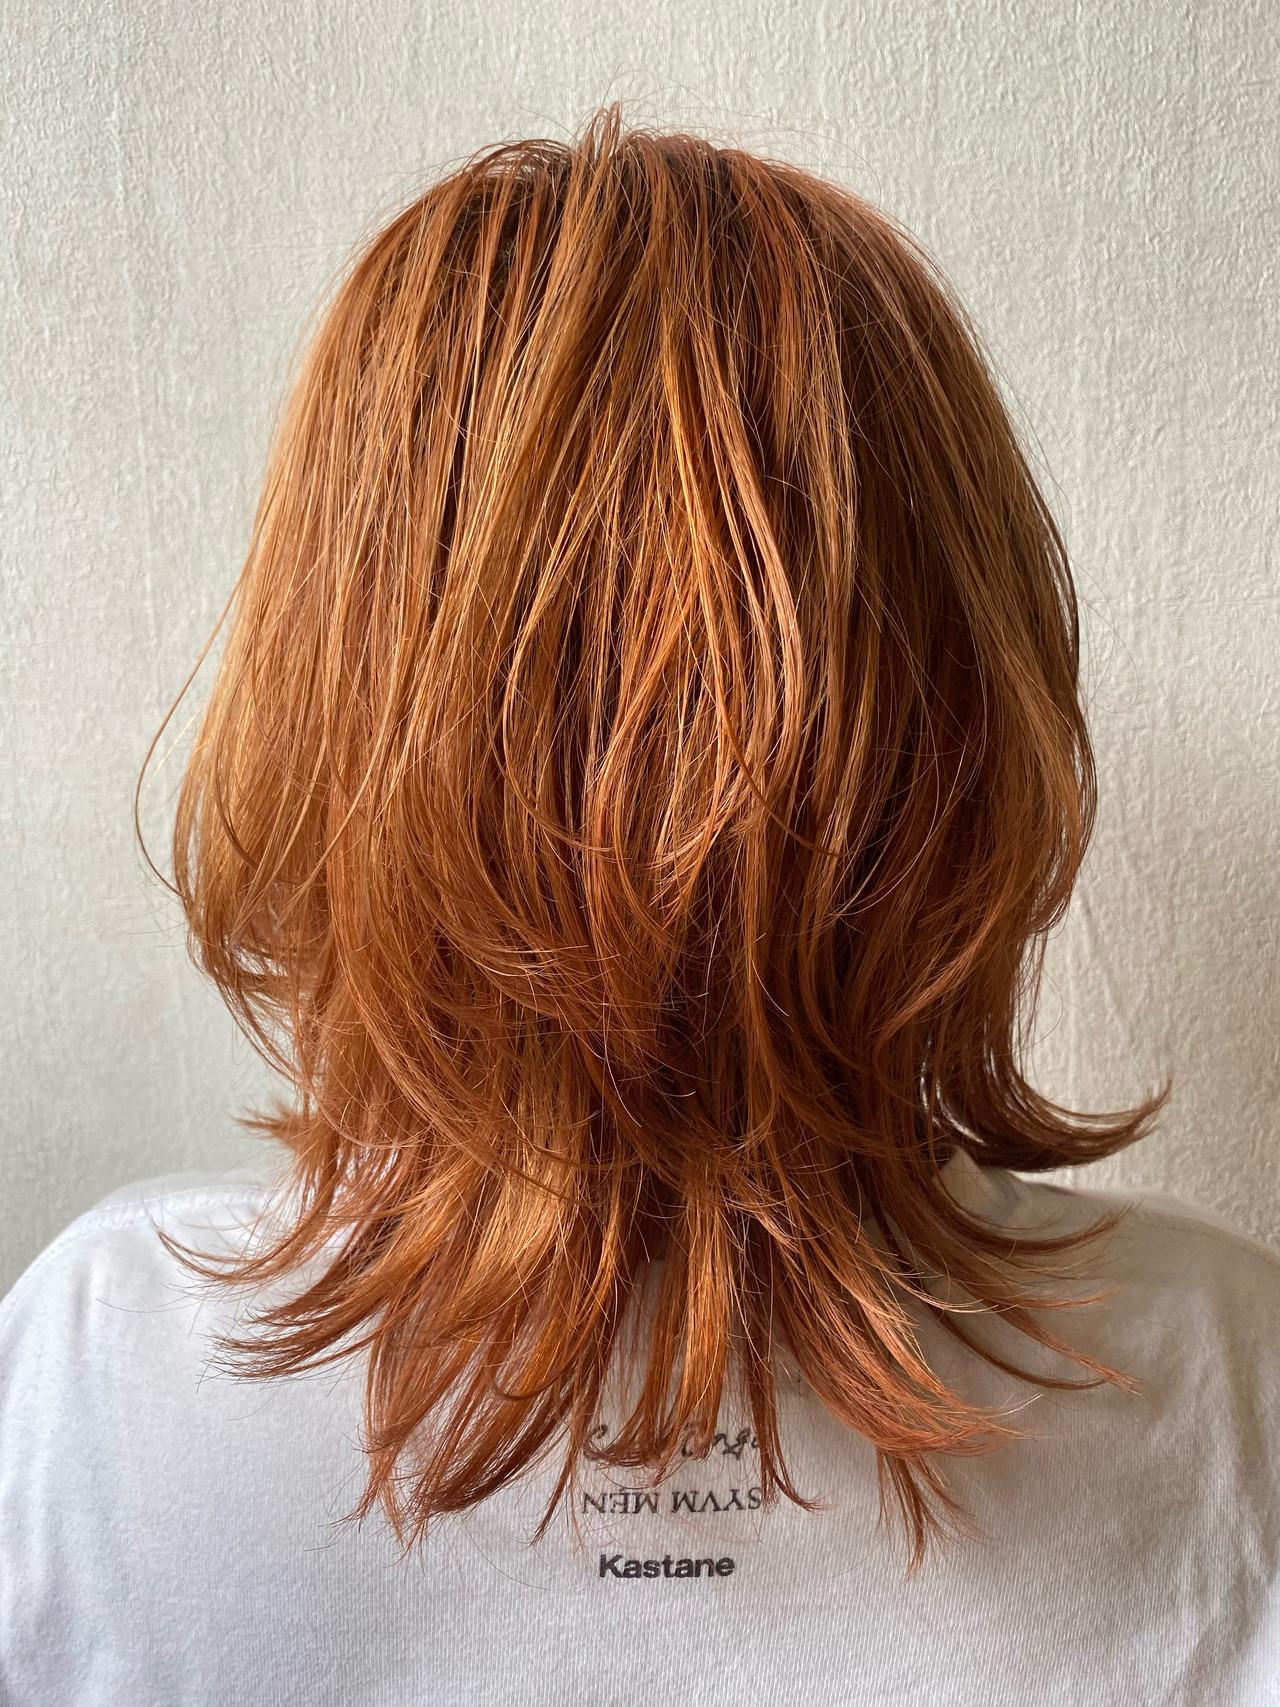 アプリコットオレンジ オレンジカラー オレンジベージュ ナチュラル ヘアスタイルや髪型の写真・画像